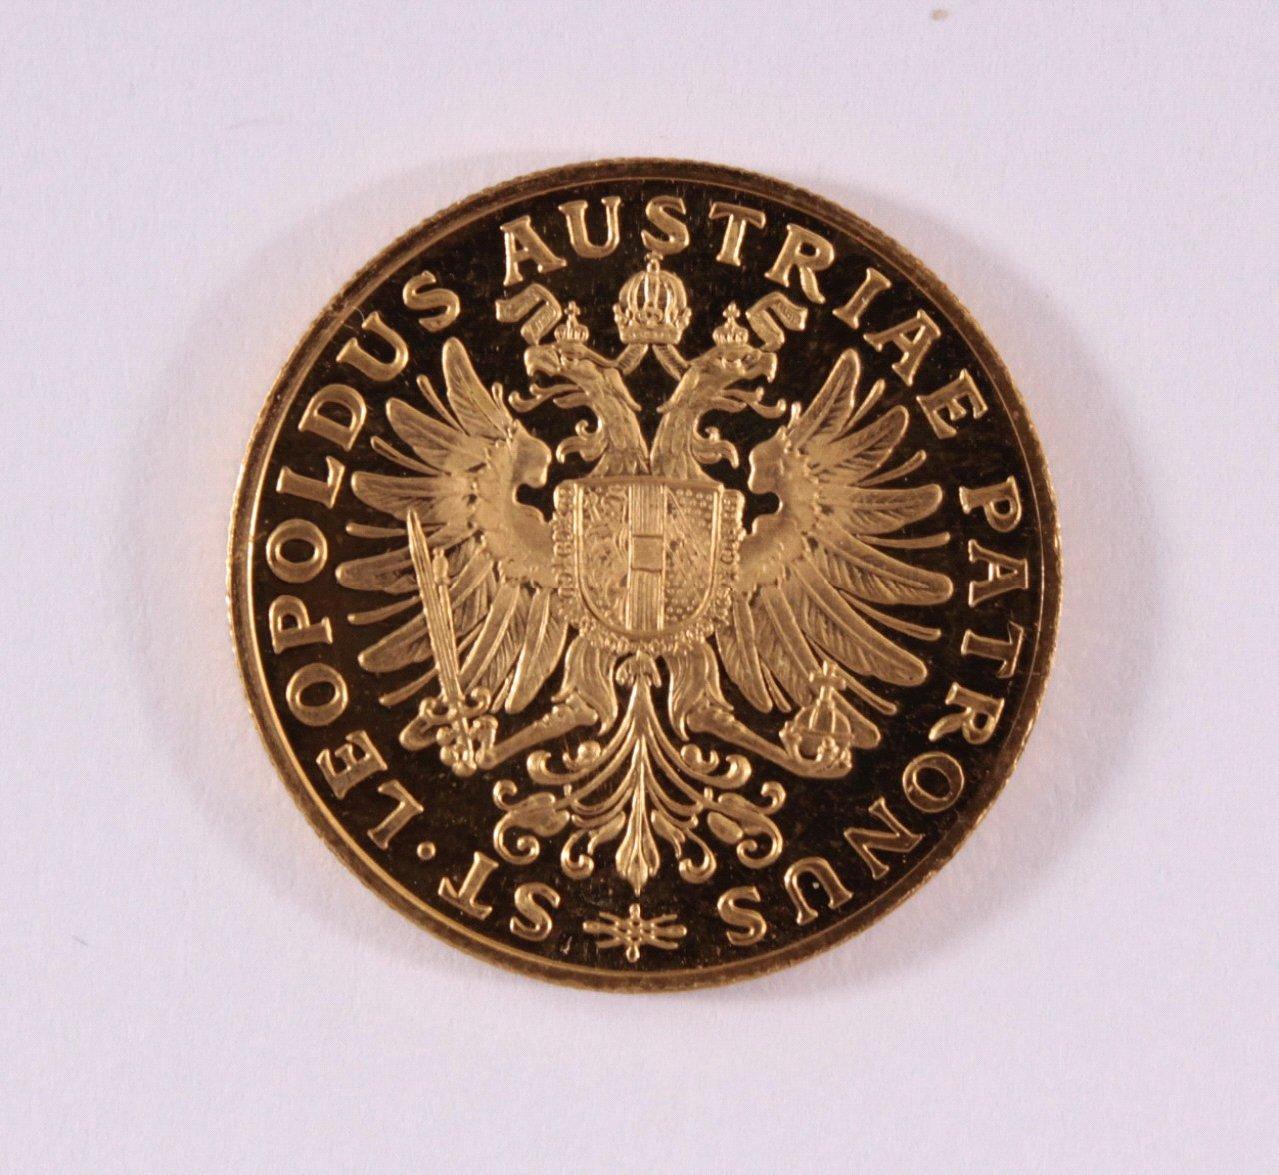 Goldmedaille 900/000 GG. Leopoldus von 1963-1